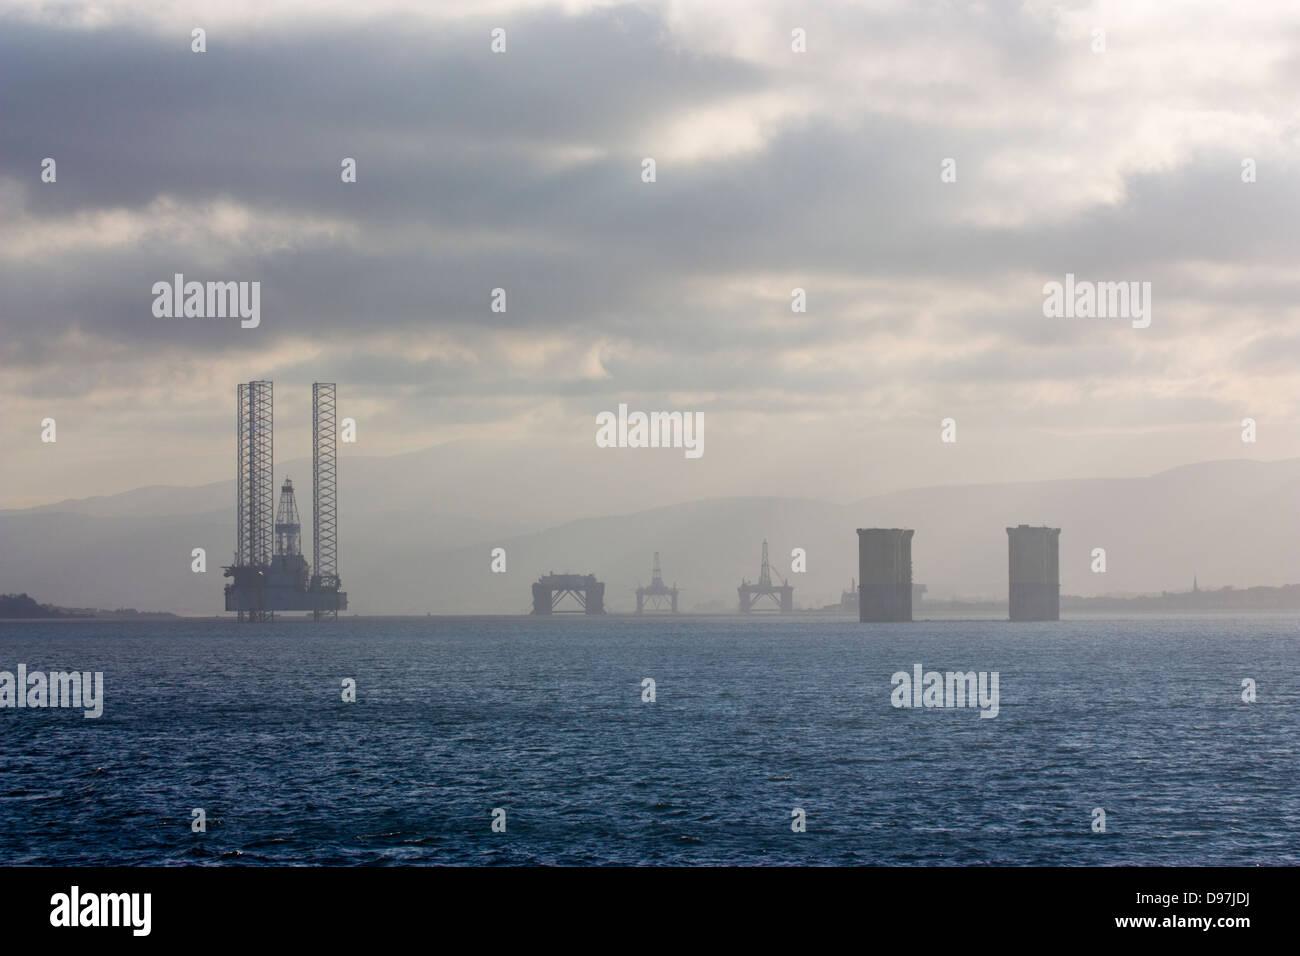 Oil drilling rigs Invergordon Cromarty Firth Stock Photo